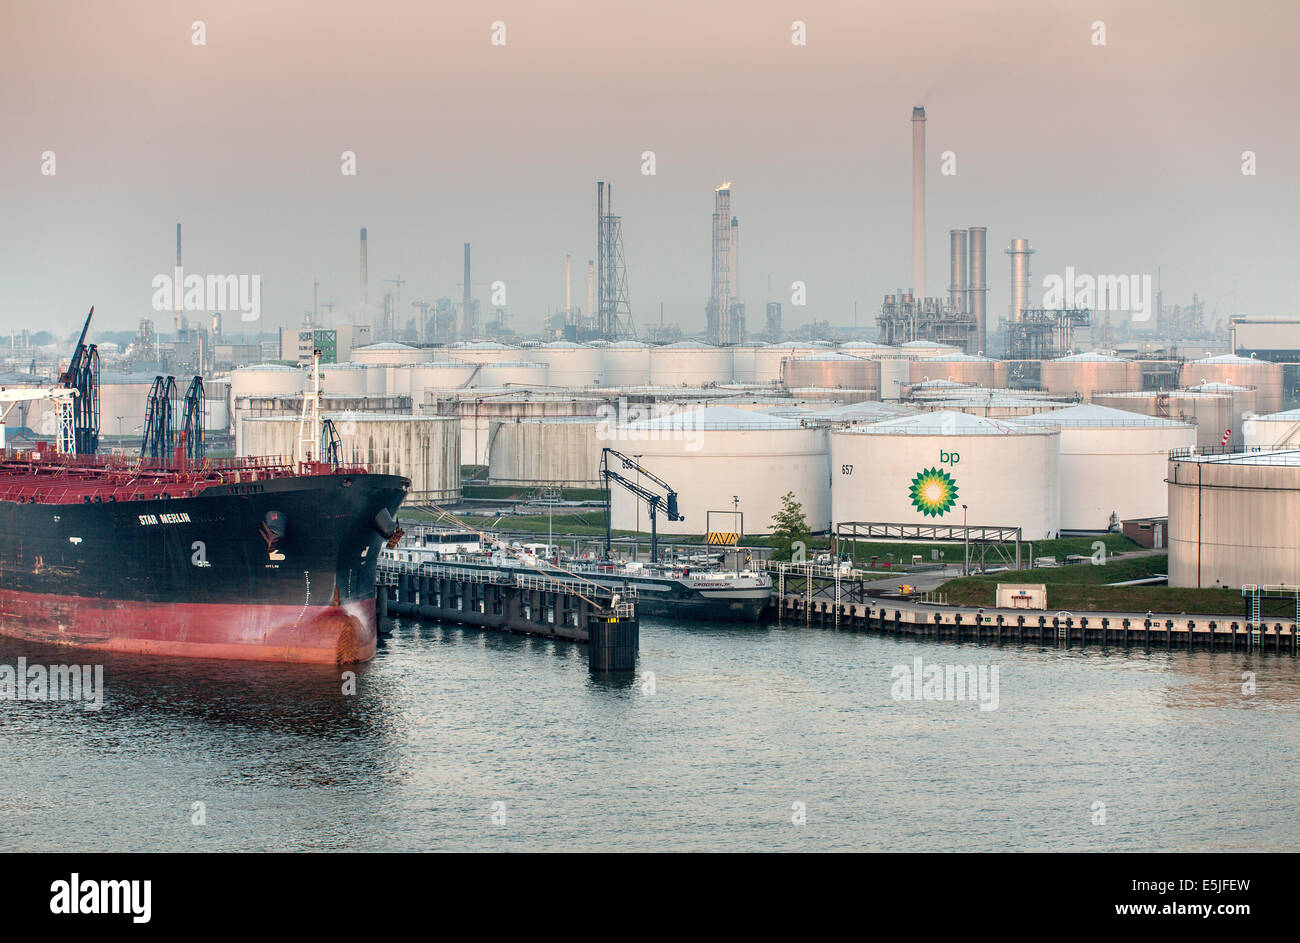 Países Bajos, Rotterdam, el puerto de Rotterdam. Puerto o puerto. Almacenamiento de aceite BP company Imagen De Stock